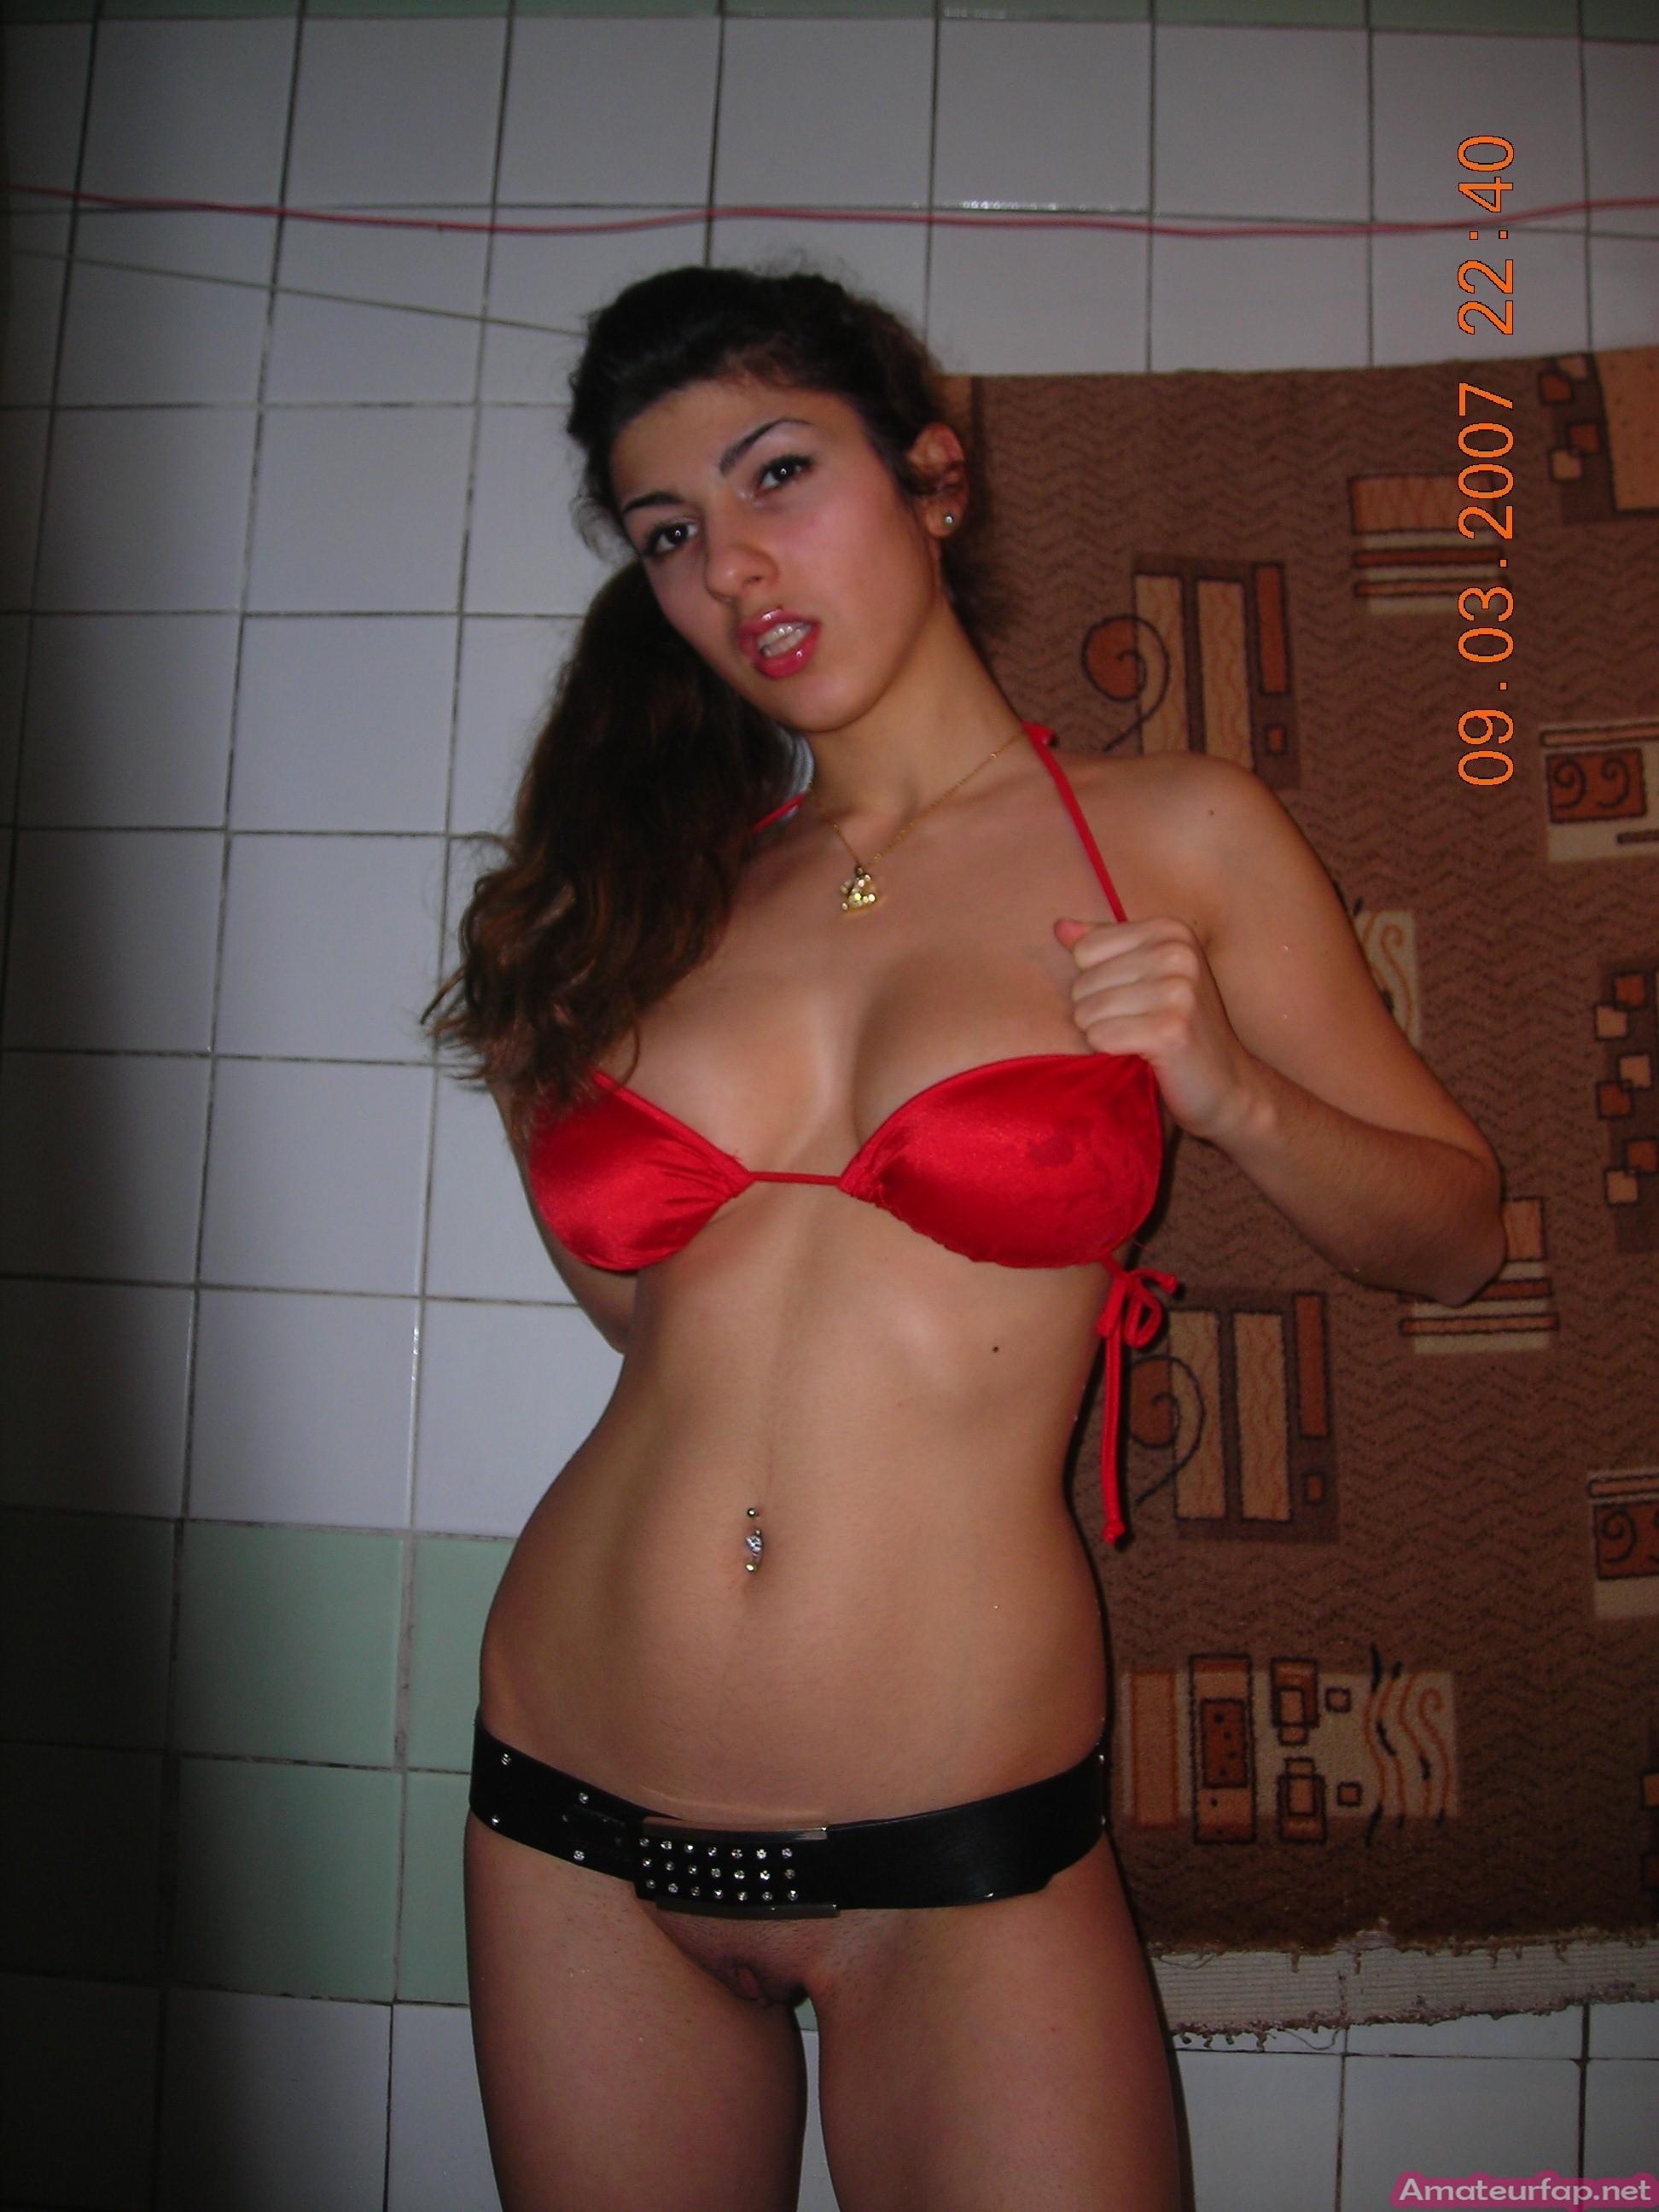 Фото порно девушек грузии